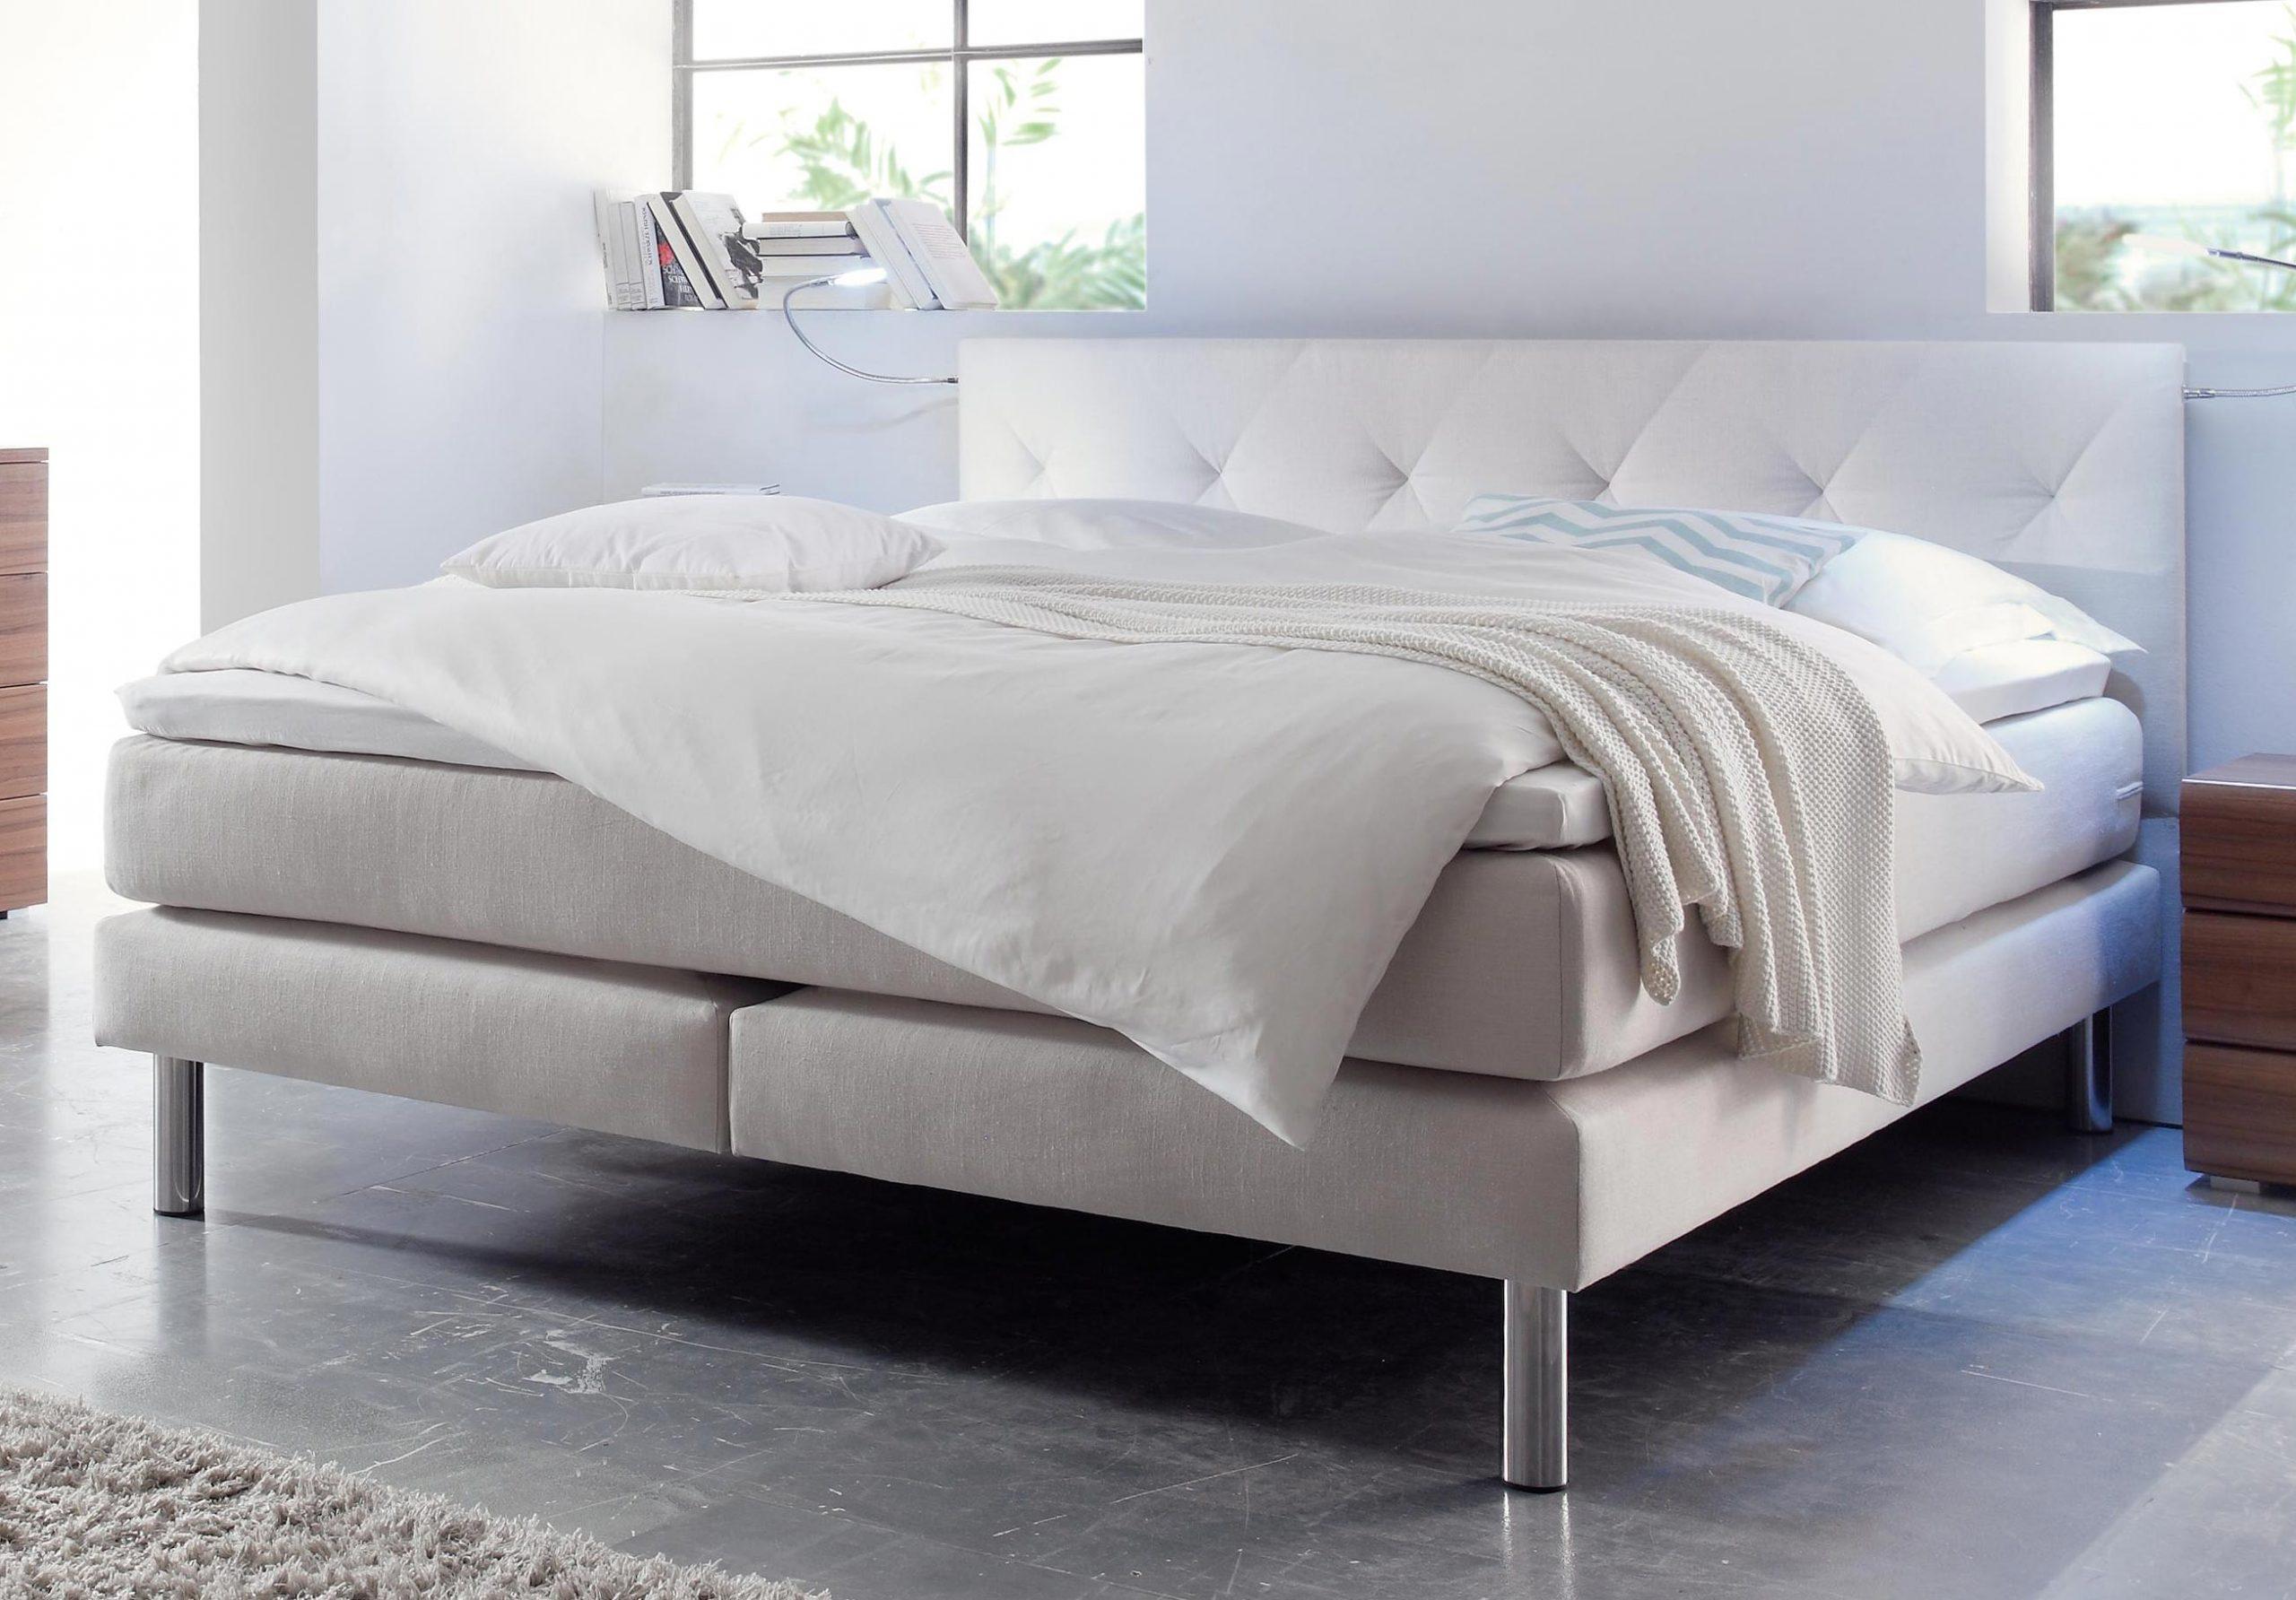 Full Size of Bett Modern Design Italienisches Puristisch Nolte Betten Prinzessin Minimalistisch Dänisches Bettenlager Badezimmer Platzsparend Wasser Amerikanisches Ohne Bett Bett Modern Design